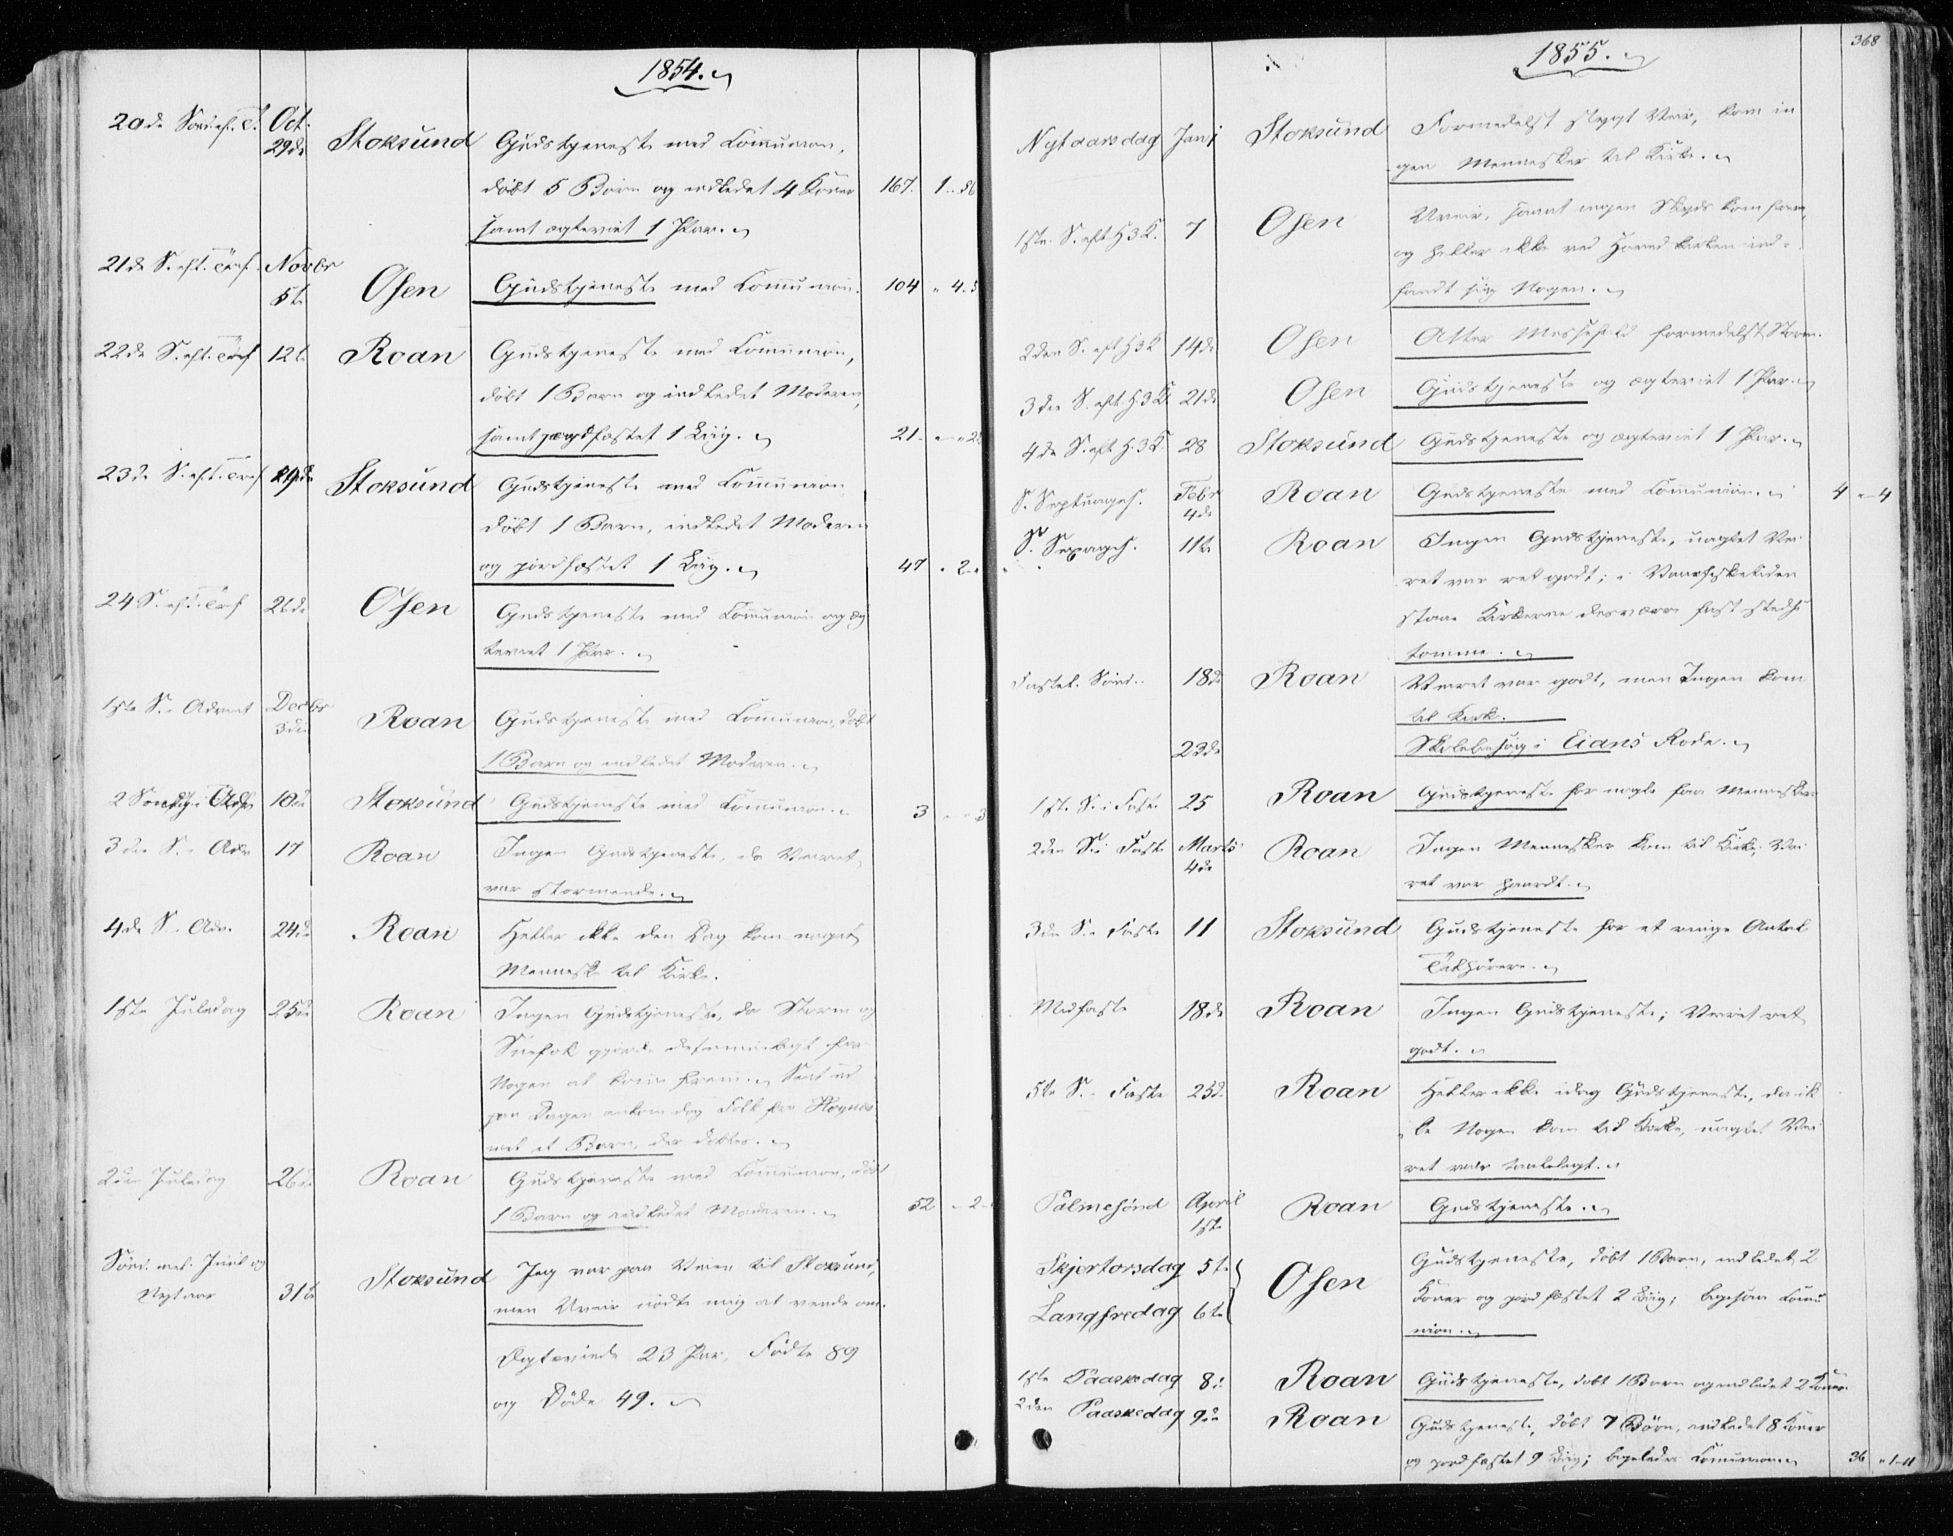 SAT, Ministerialprotokoller, klokkerbøker og fødselsregistre - Sør-Trøndelag, 657/L0704: Ministerialbok nr. 657A05, 1846-1857, s. 368